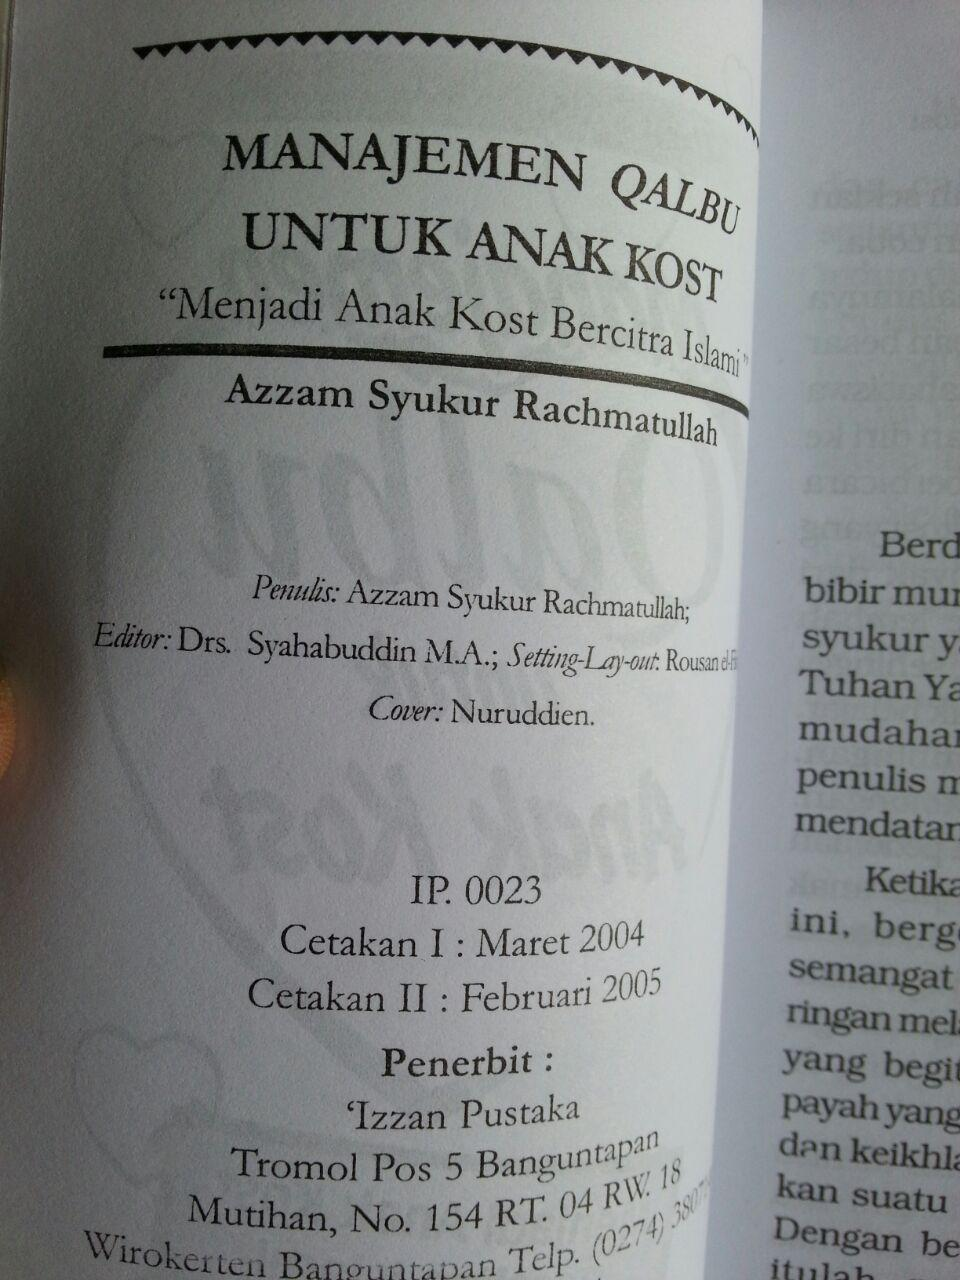 Buku Manajemen Qalbu Untuk Anak Kost Menjadi Bercitra Islami isi 2